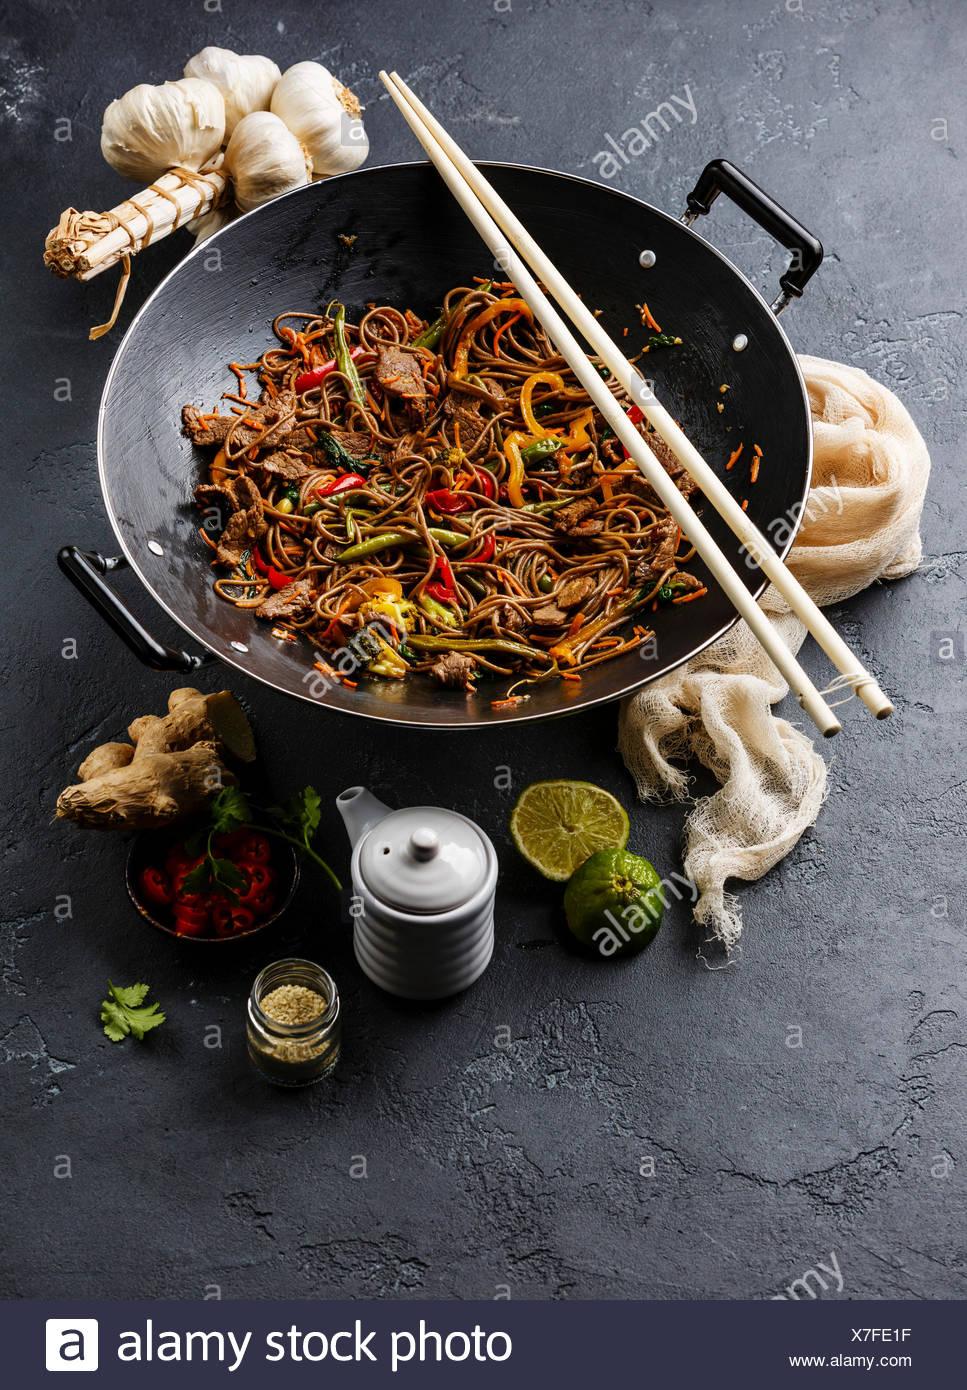 Asian fast food STIR FRY noodles soba con manzo e verdure in wok padella in pietra scura sullo sfondo Immagini Stock